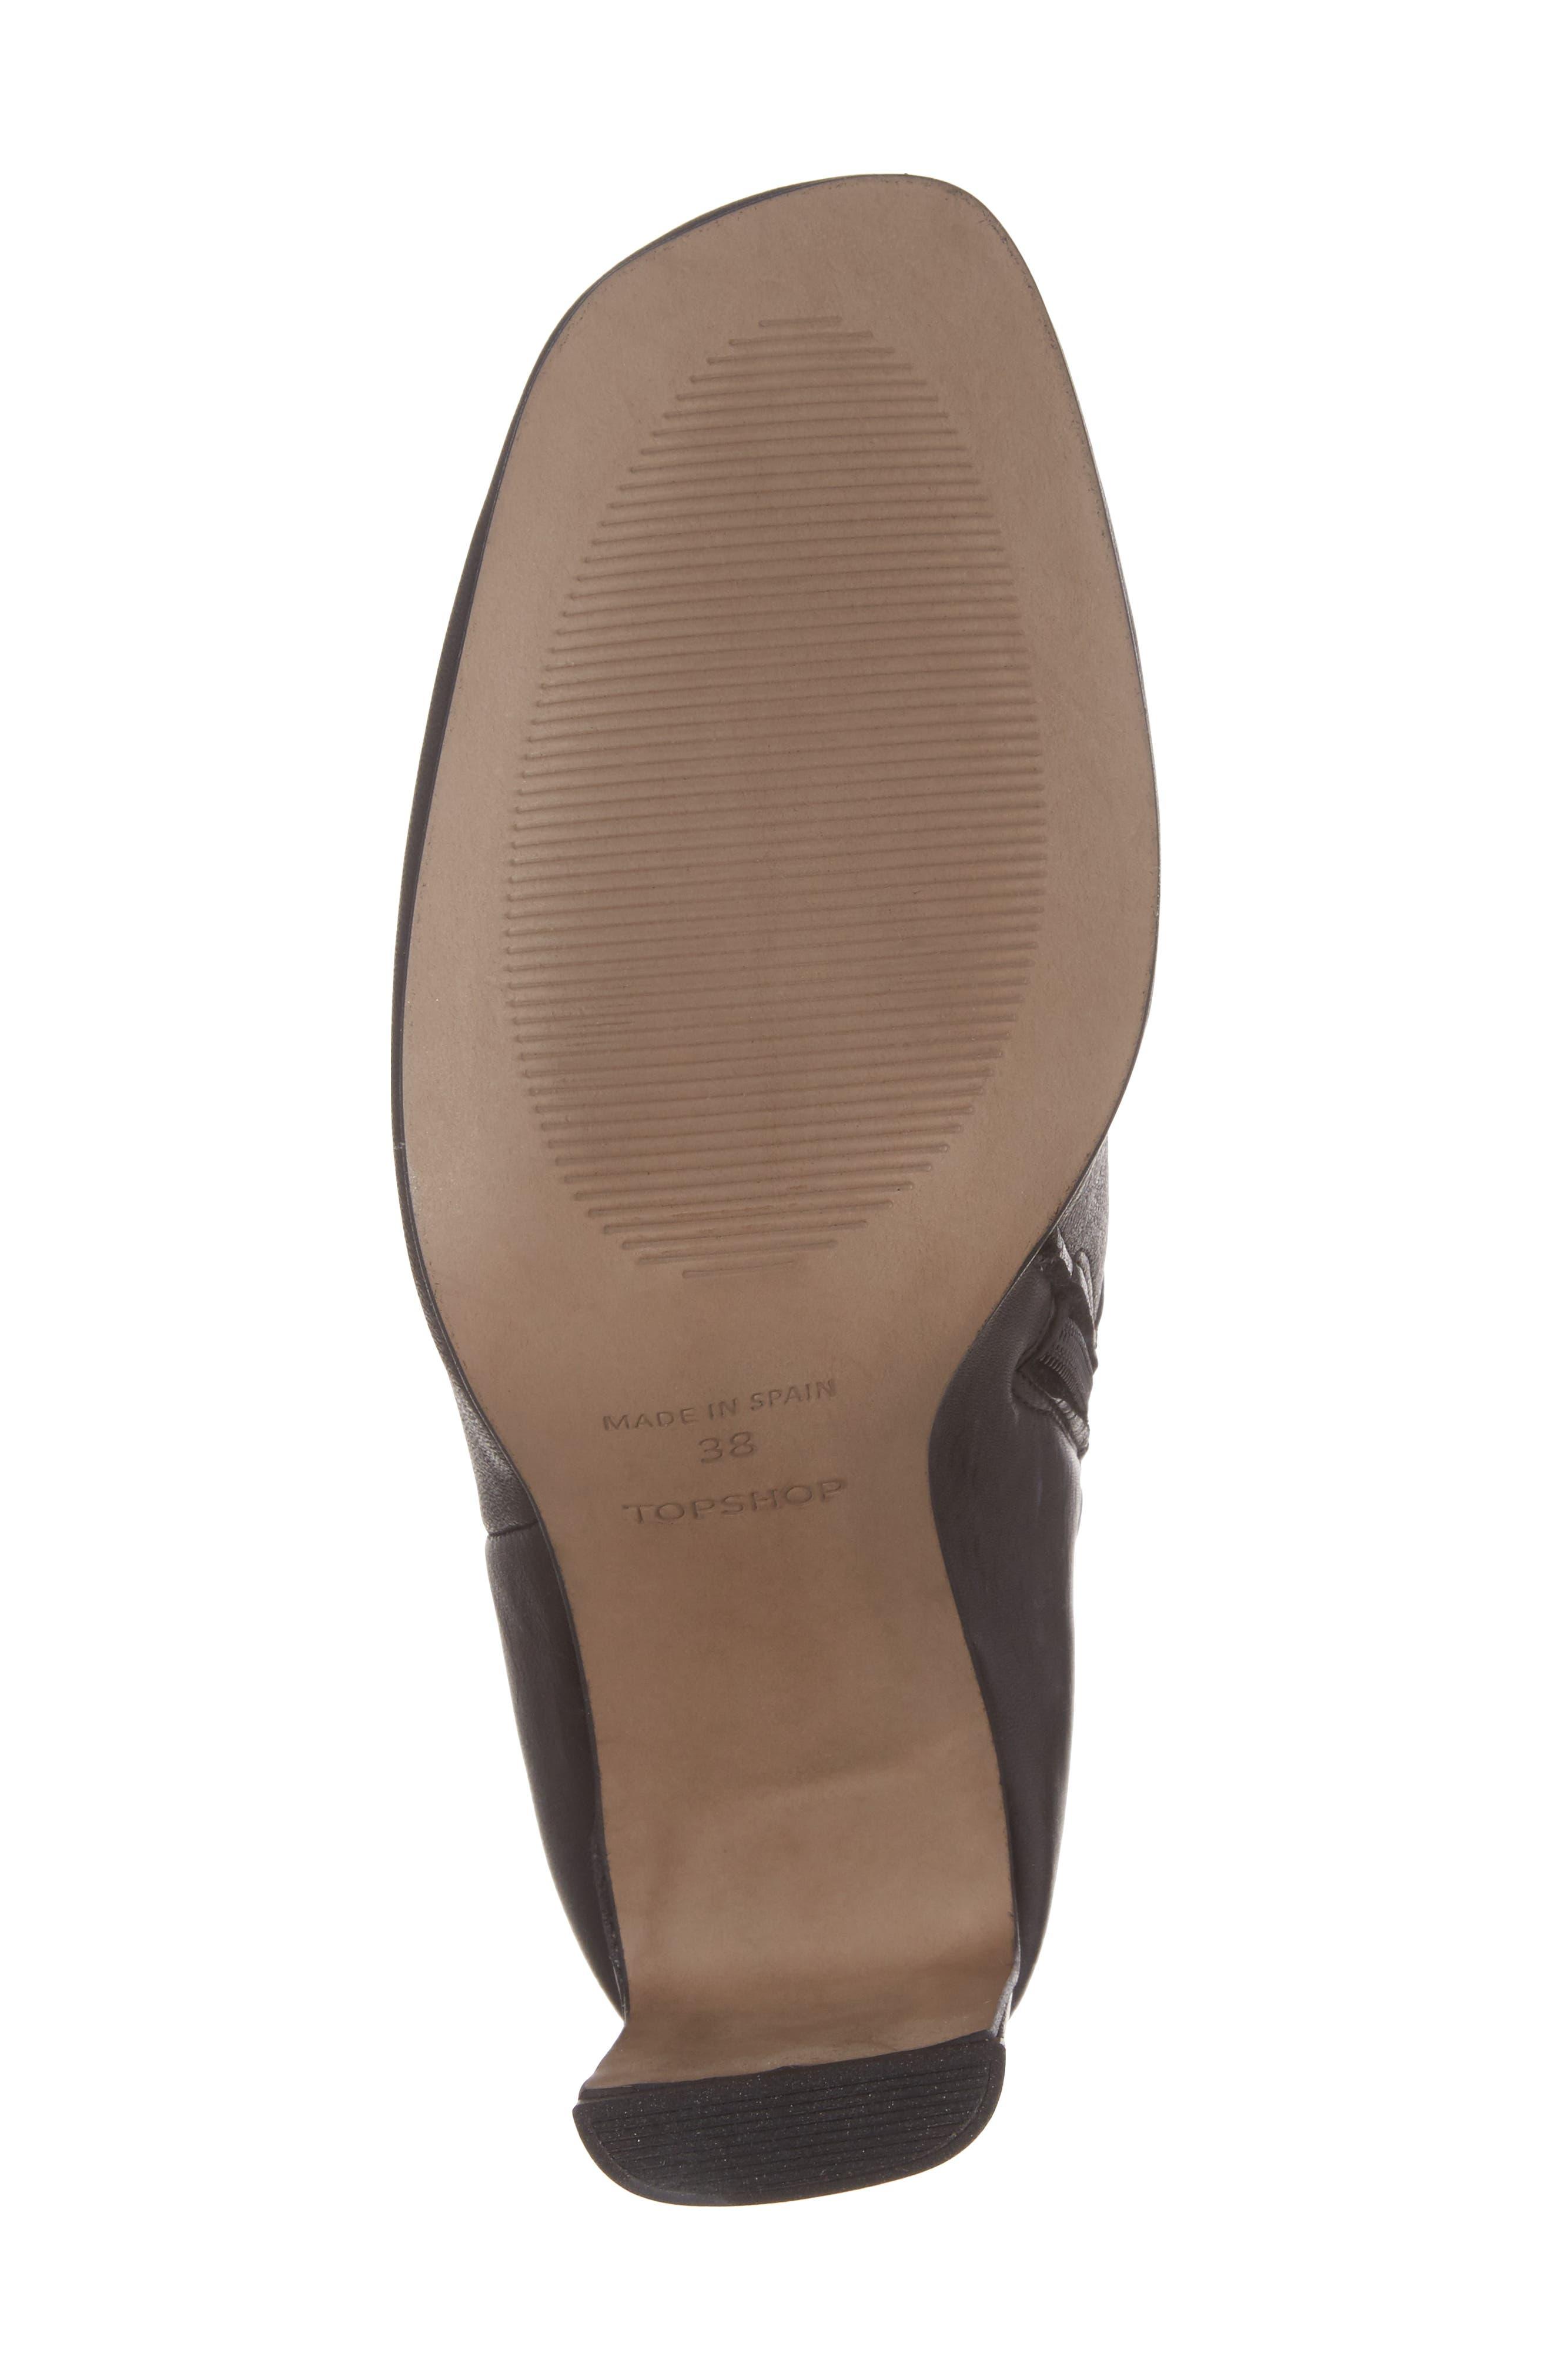 Honeydew Flat Heel Bootie,                             Alternate thumbnail 6, color,                             001